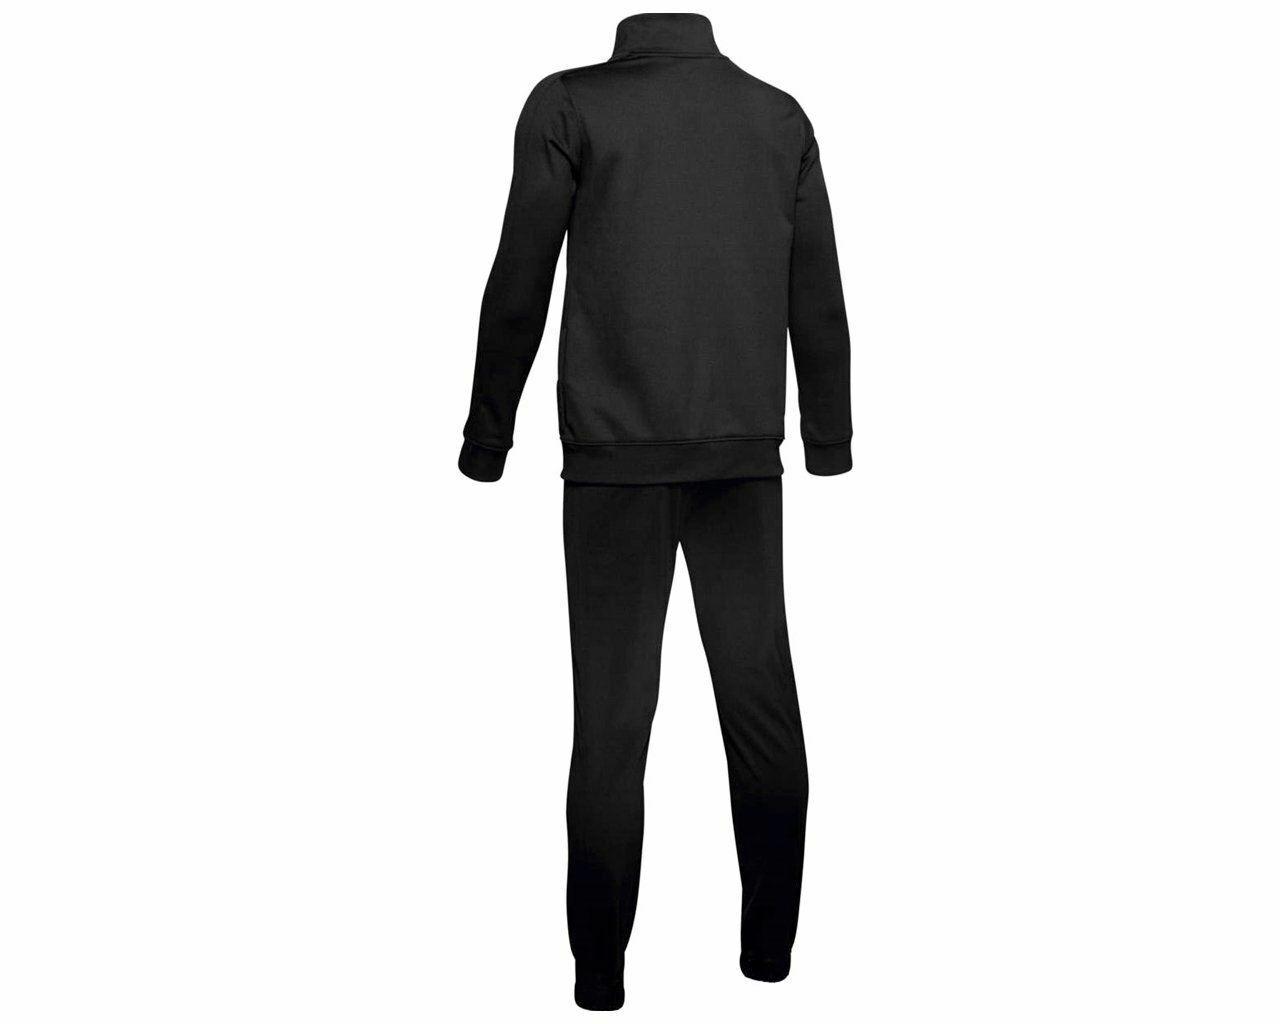 Under Armour Juniors 1347743 Full Zip Tracksuit Black